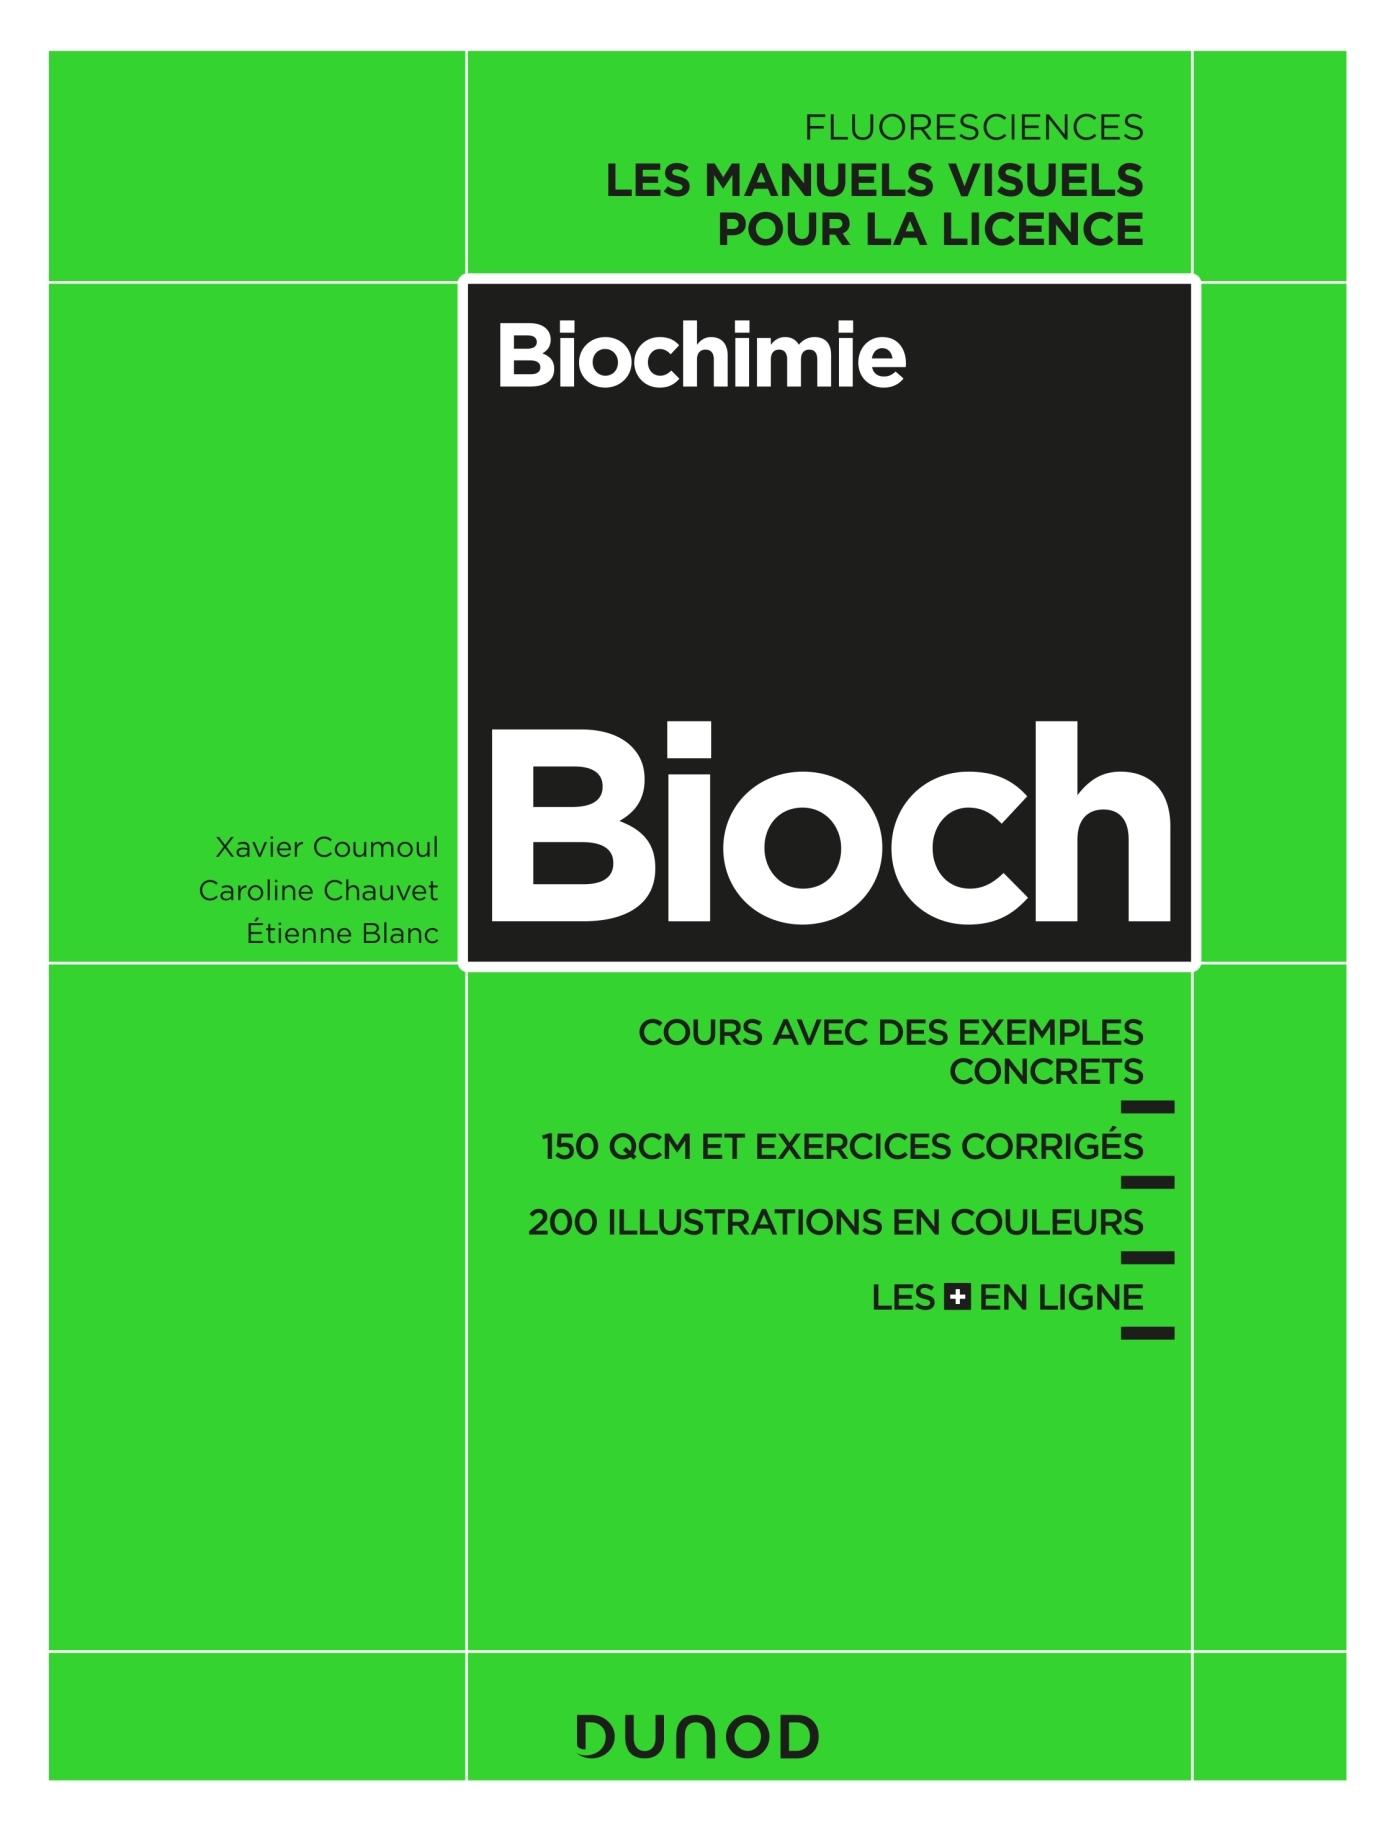 BIOCHIMIE - COURS AVEC EXEMPLES CONCRETS, QCM, EXERCICES CORRIGES